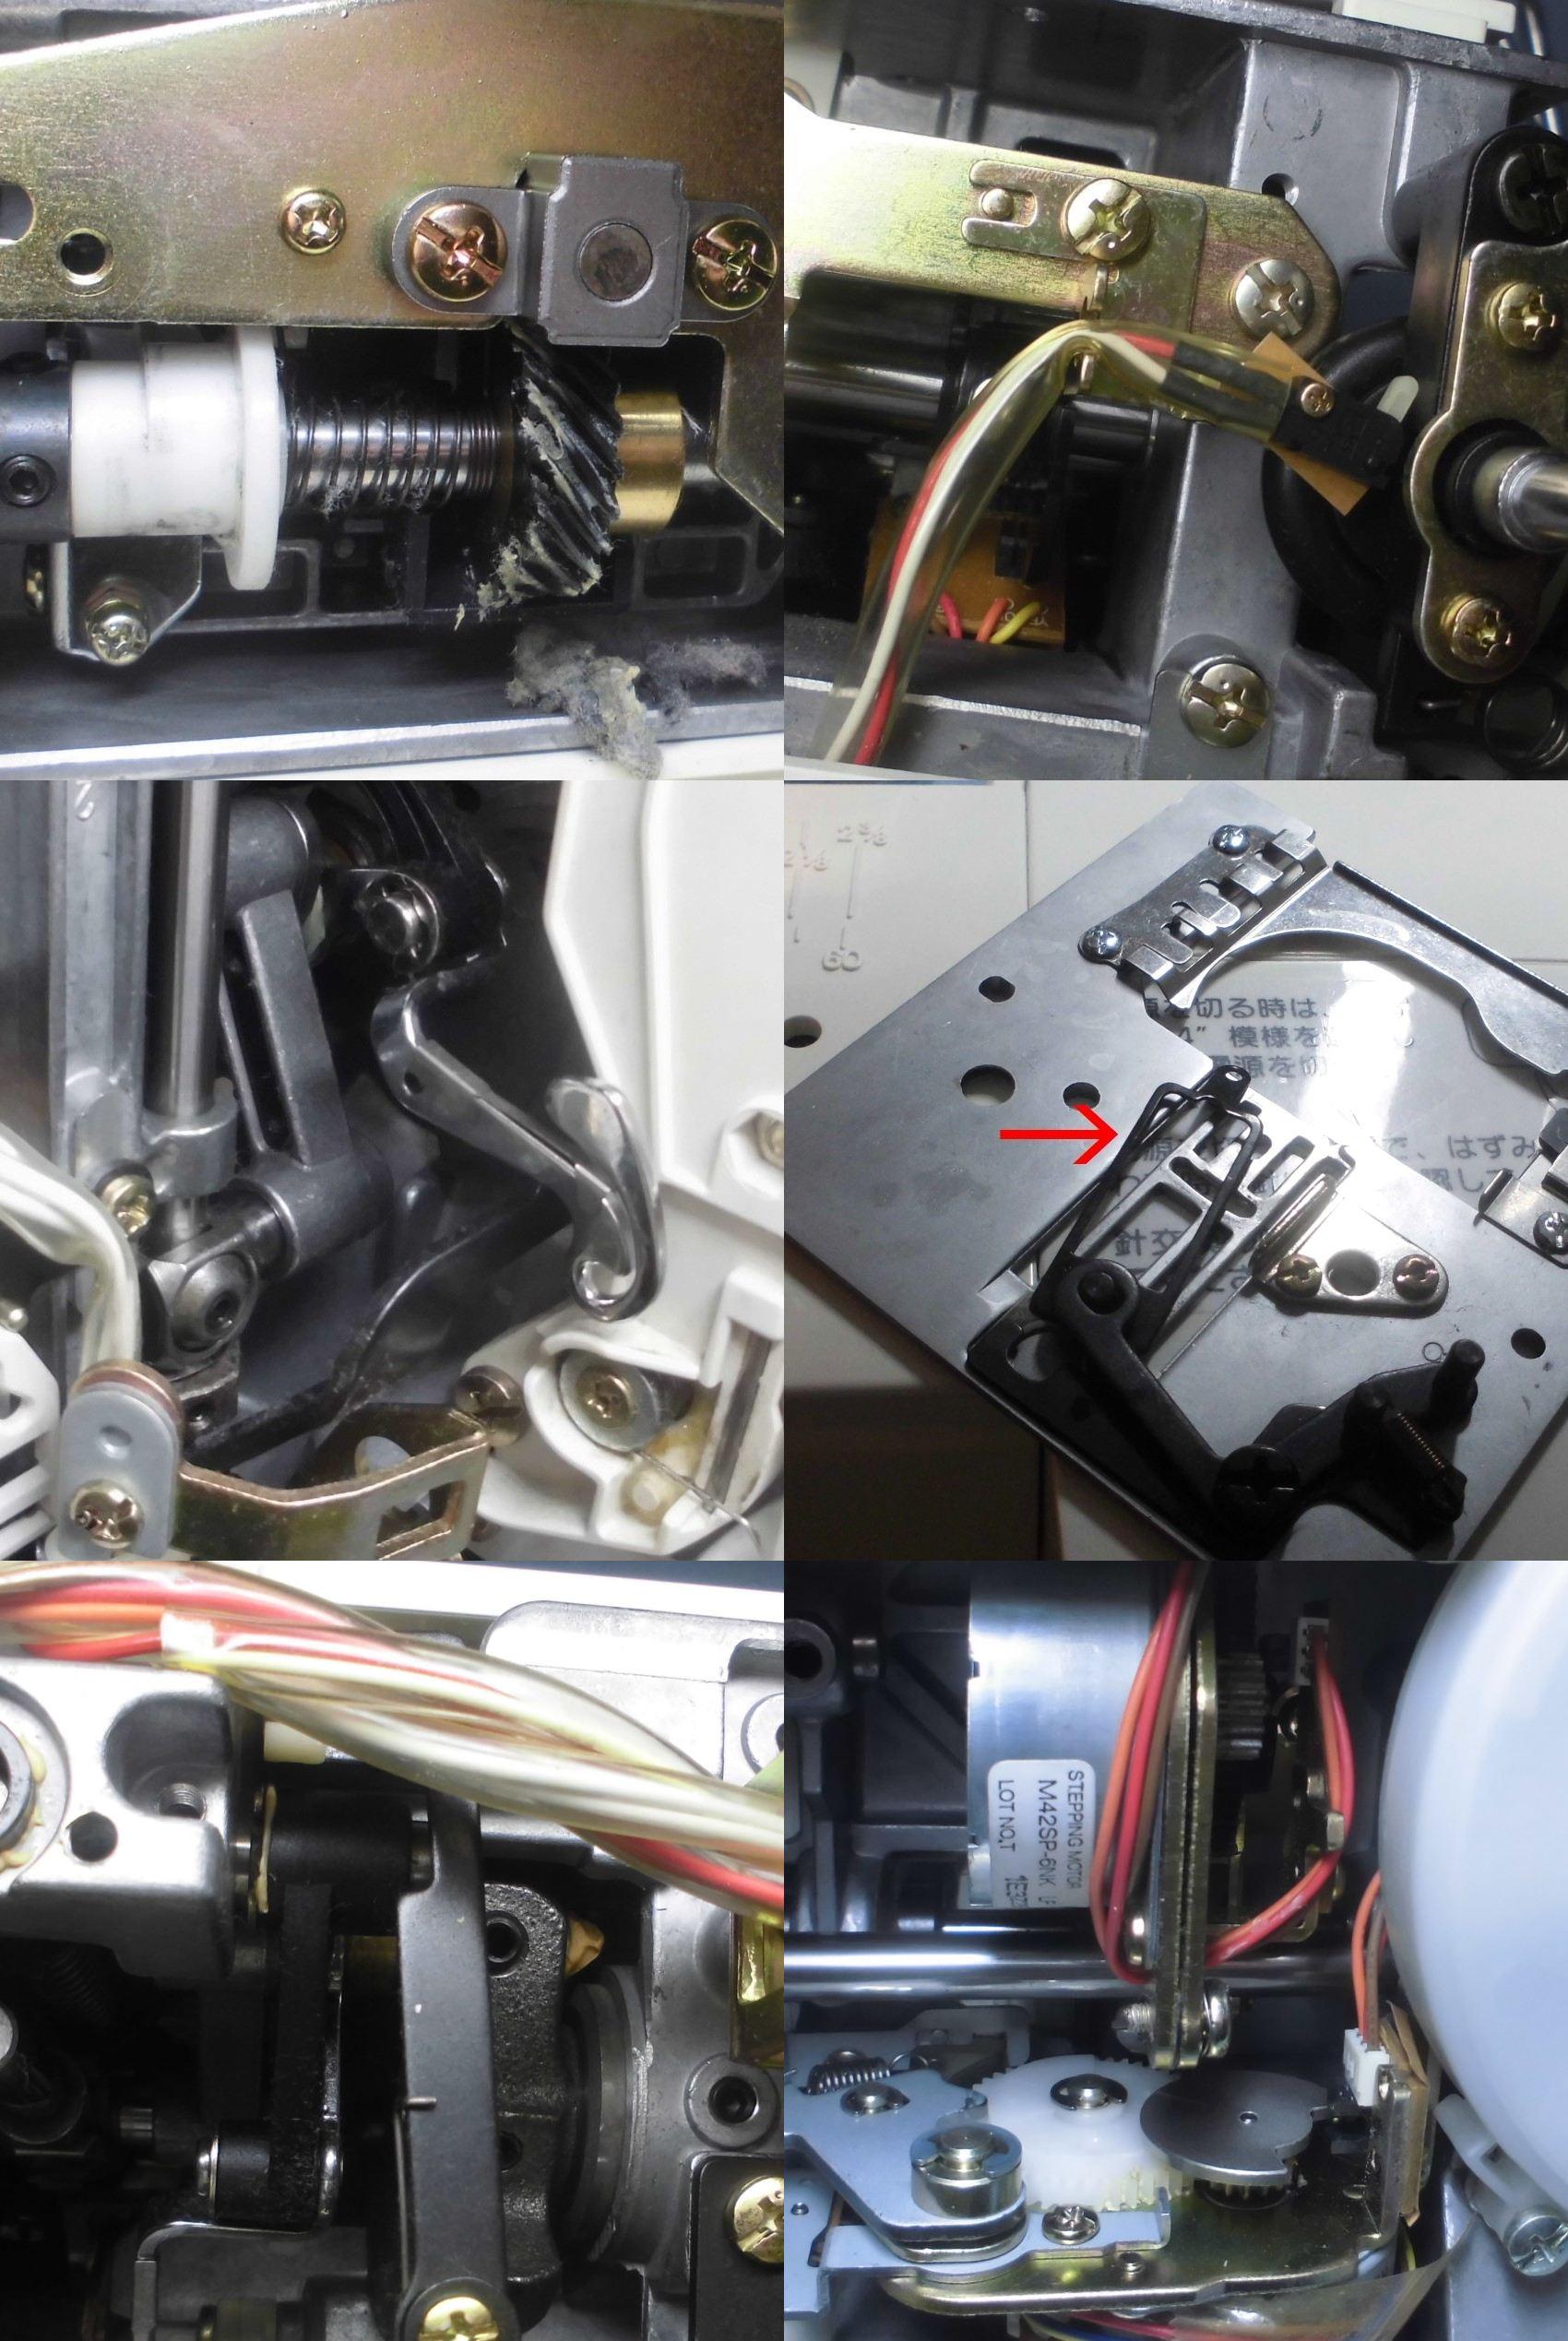 ジャノメミシンS7800の全体オーバーホールメンテナンス ミシン修理